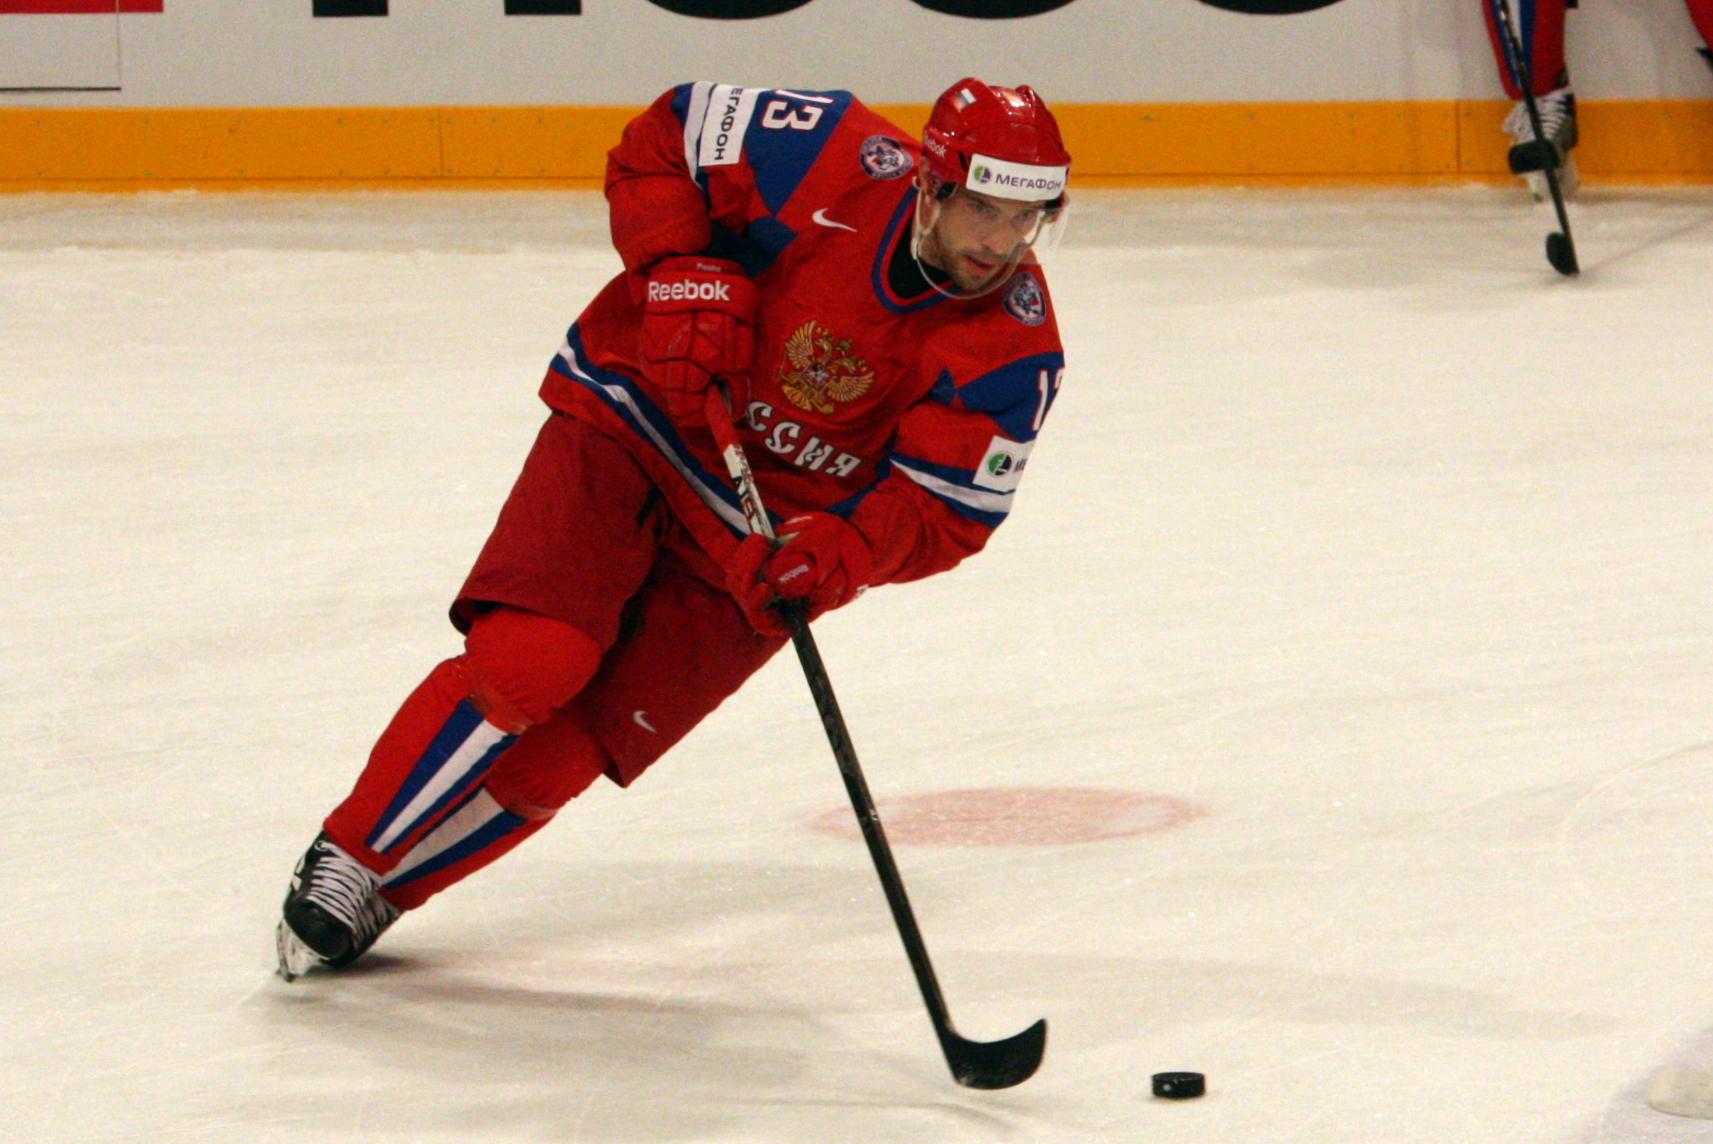 Pavel Datsyuk HD Wallpapers 1713x1144